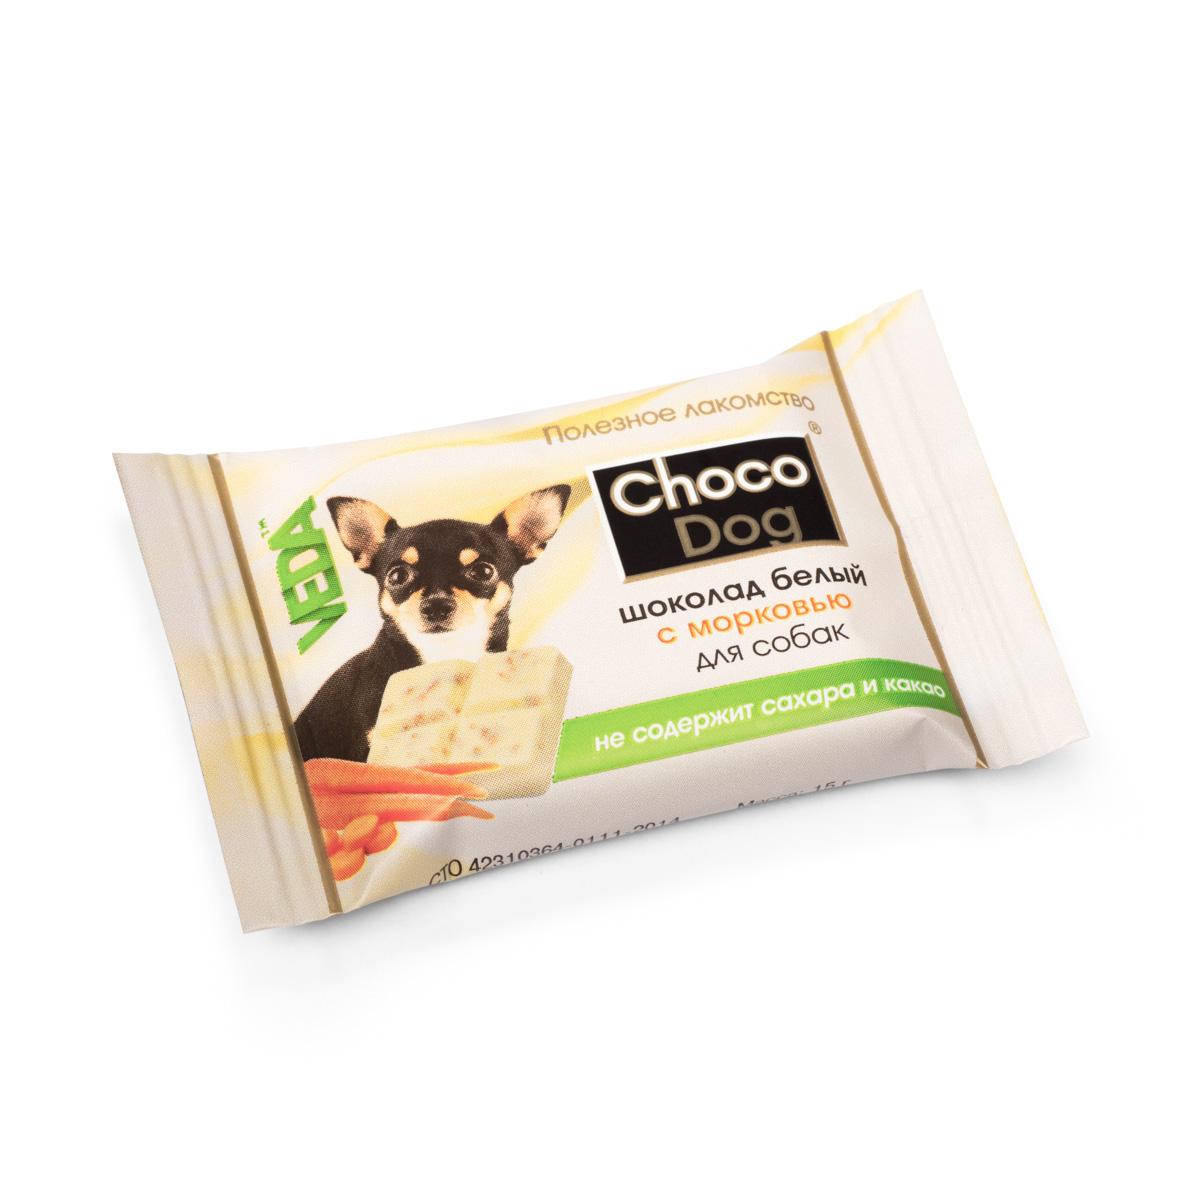 Choco Dog шоколад белый с морковью лакомство для собак, 15г